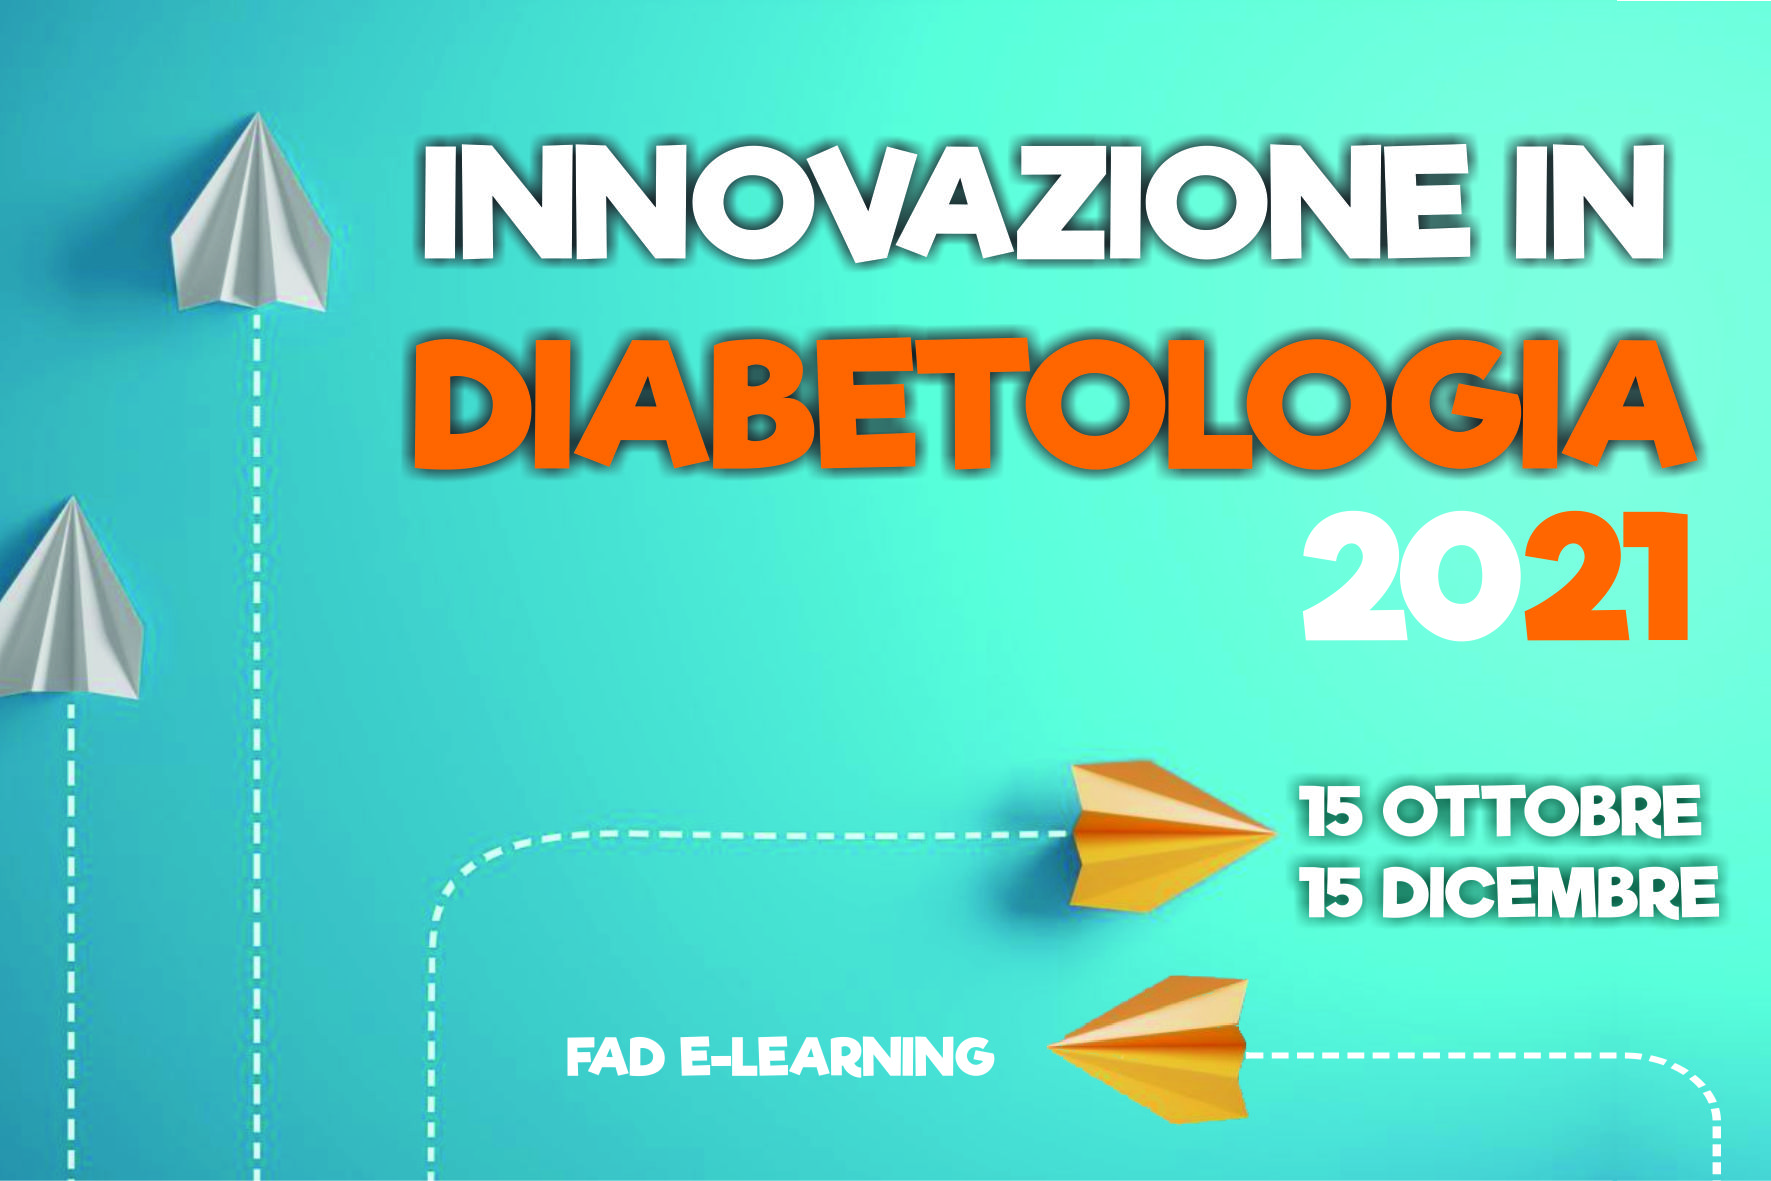 Innovazione in diabetologia 2021